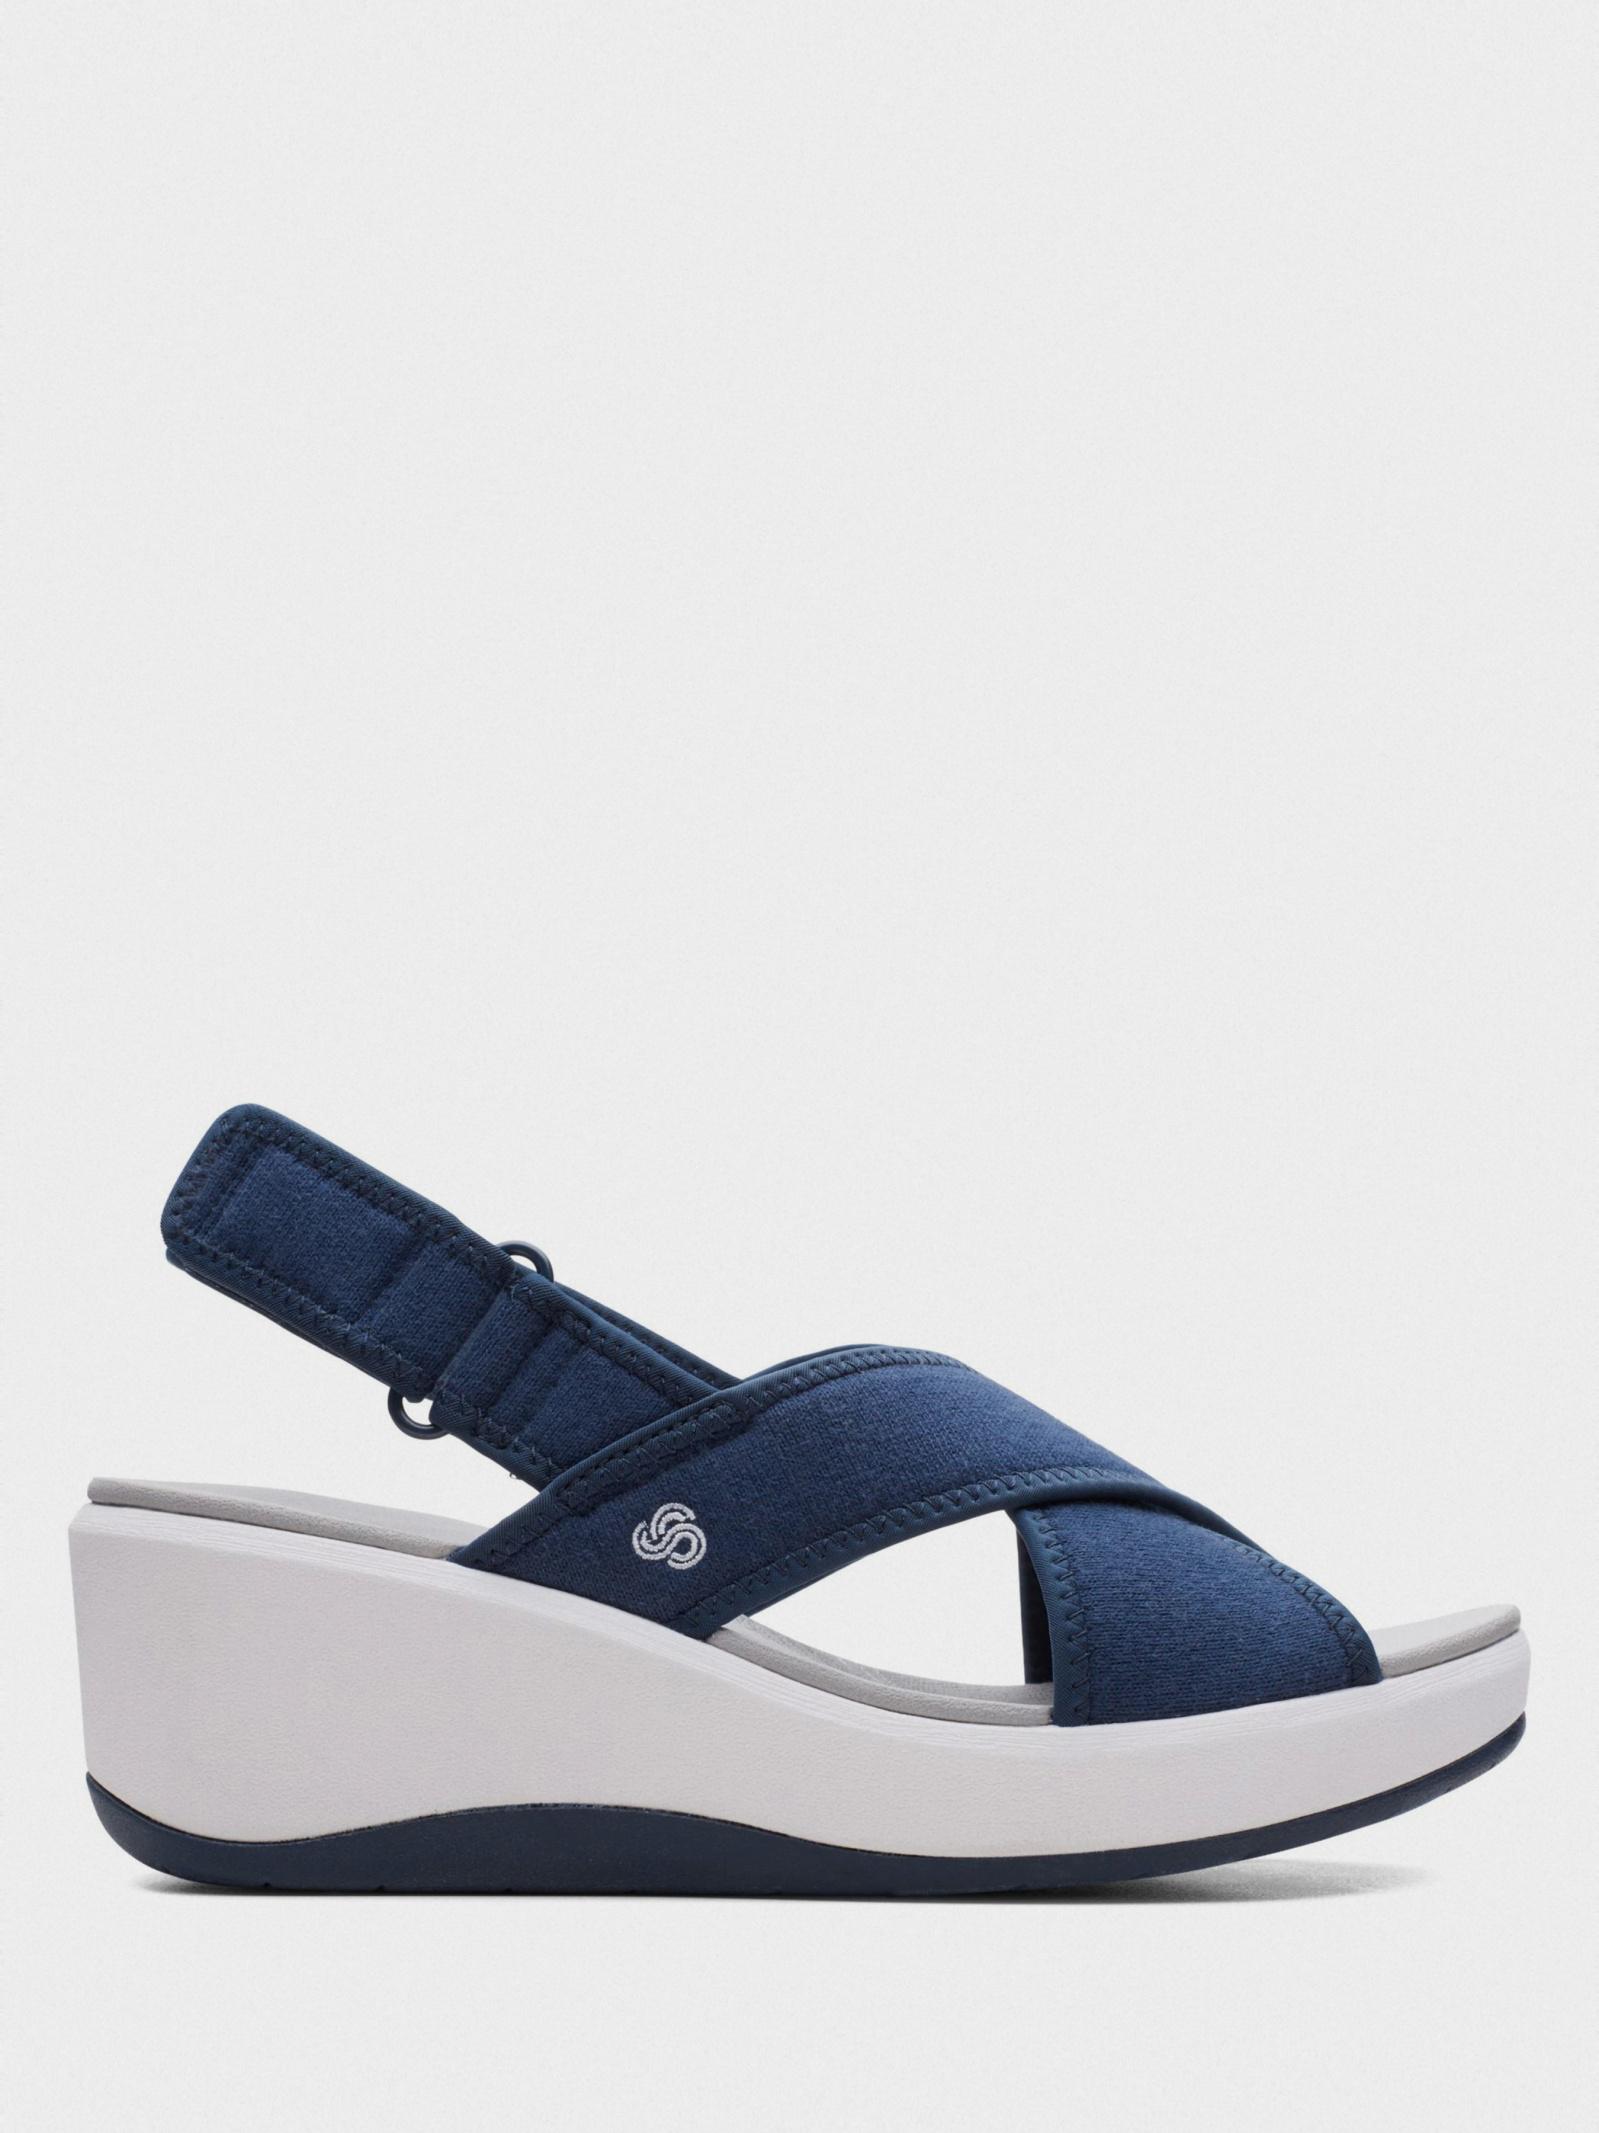 Сандалі  для жінок Clarks 2614-8929 розміри взуття, 2017